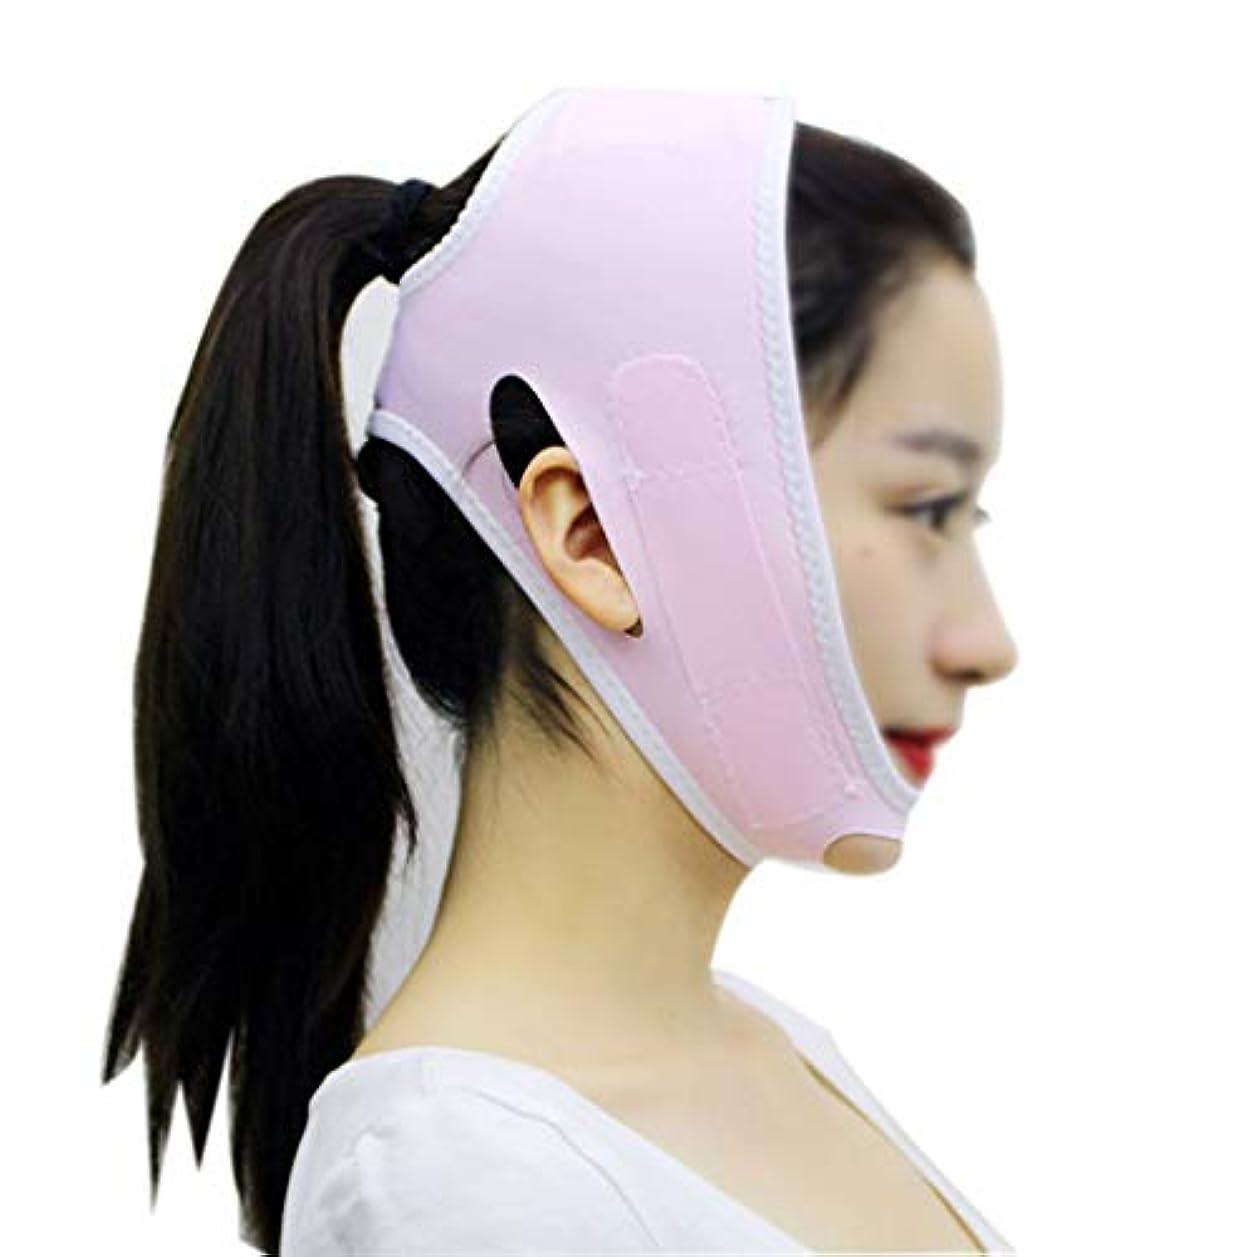 ローン前件処理するTLMY 引き締め肌の薄い二重あごマスクを強化するためのフェイスリフティング包帯回復マスク 顔用整形マスク (Color : Pink)